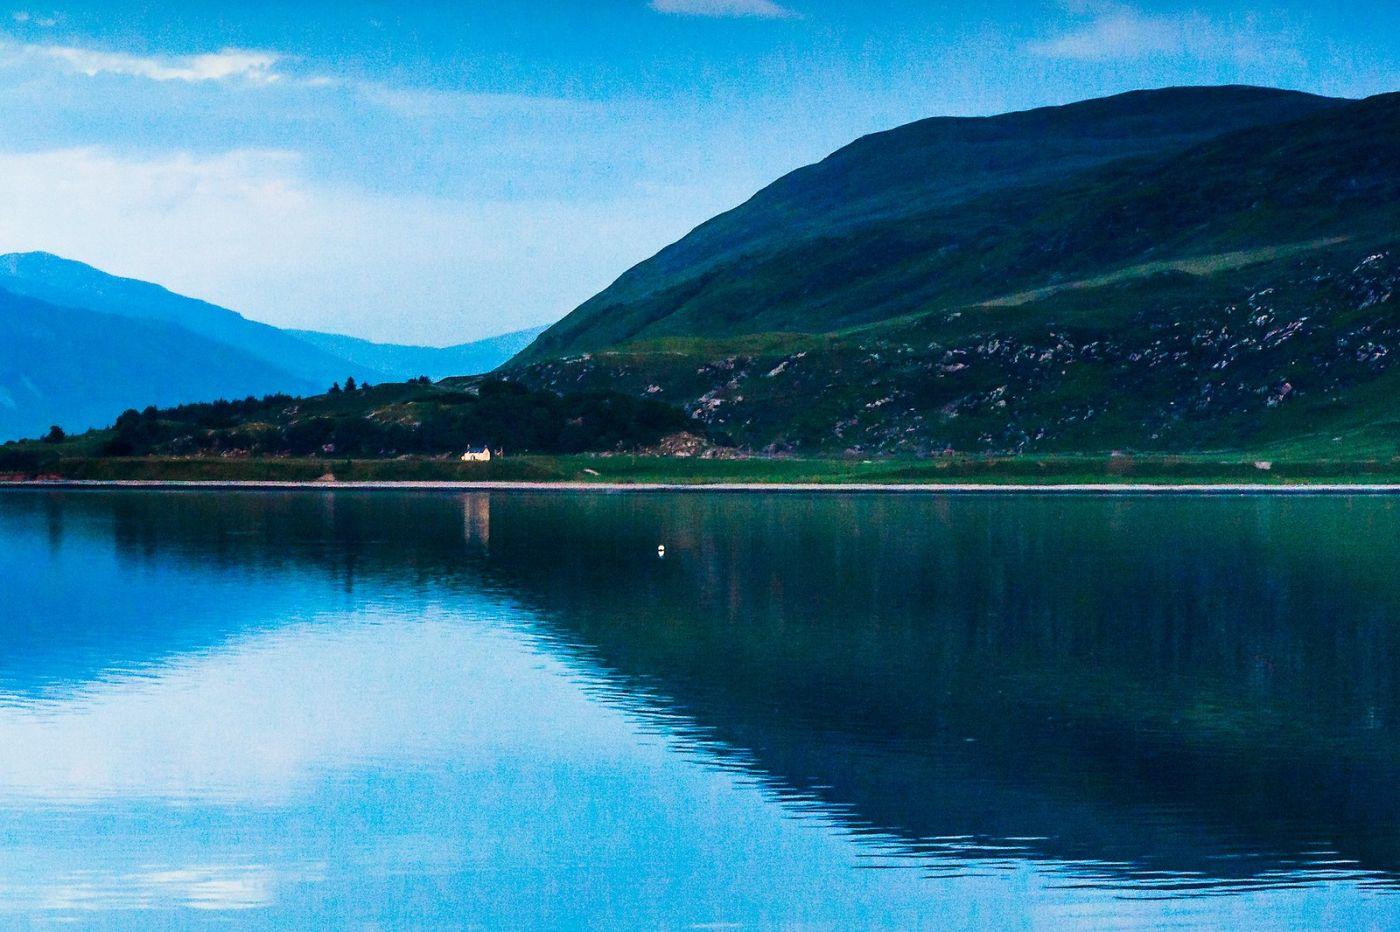 苏格兰阿勒浦(Ullapool),如镜的湖面_图1-5